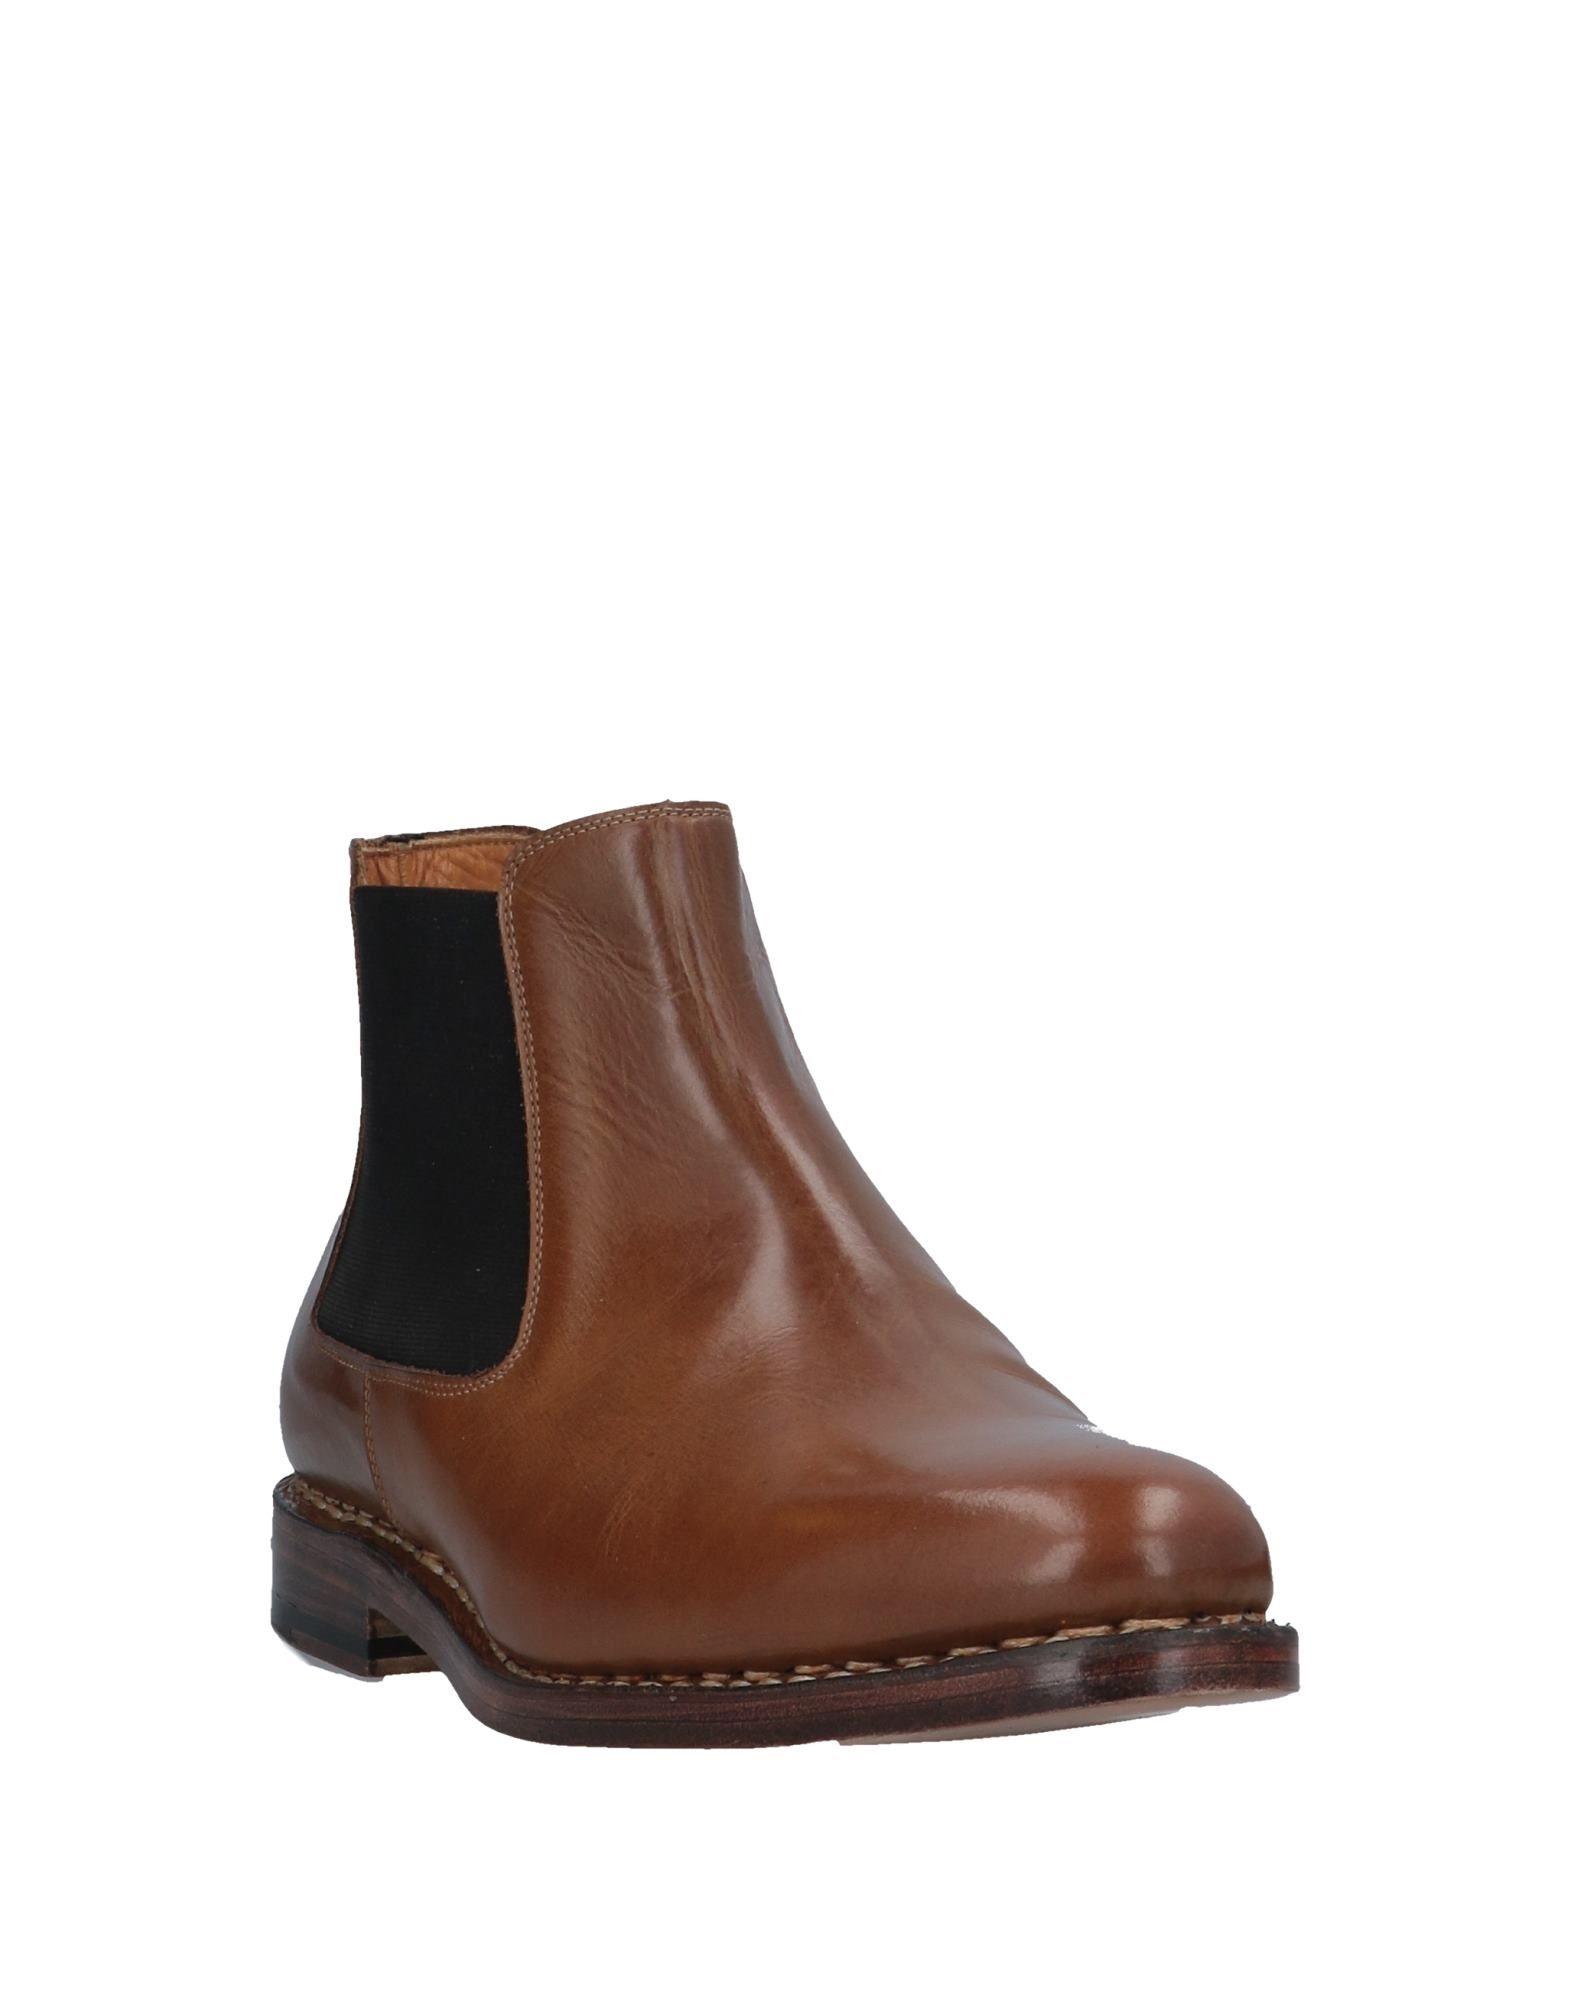 Maison Margiela Stiefelette Herren  11536965CA Gute Qualität beliebte Schuhe